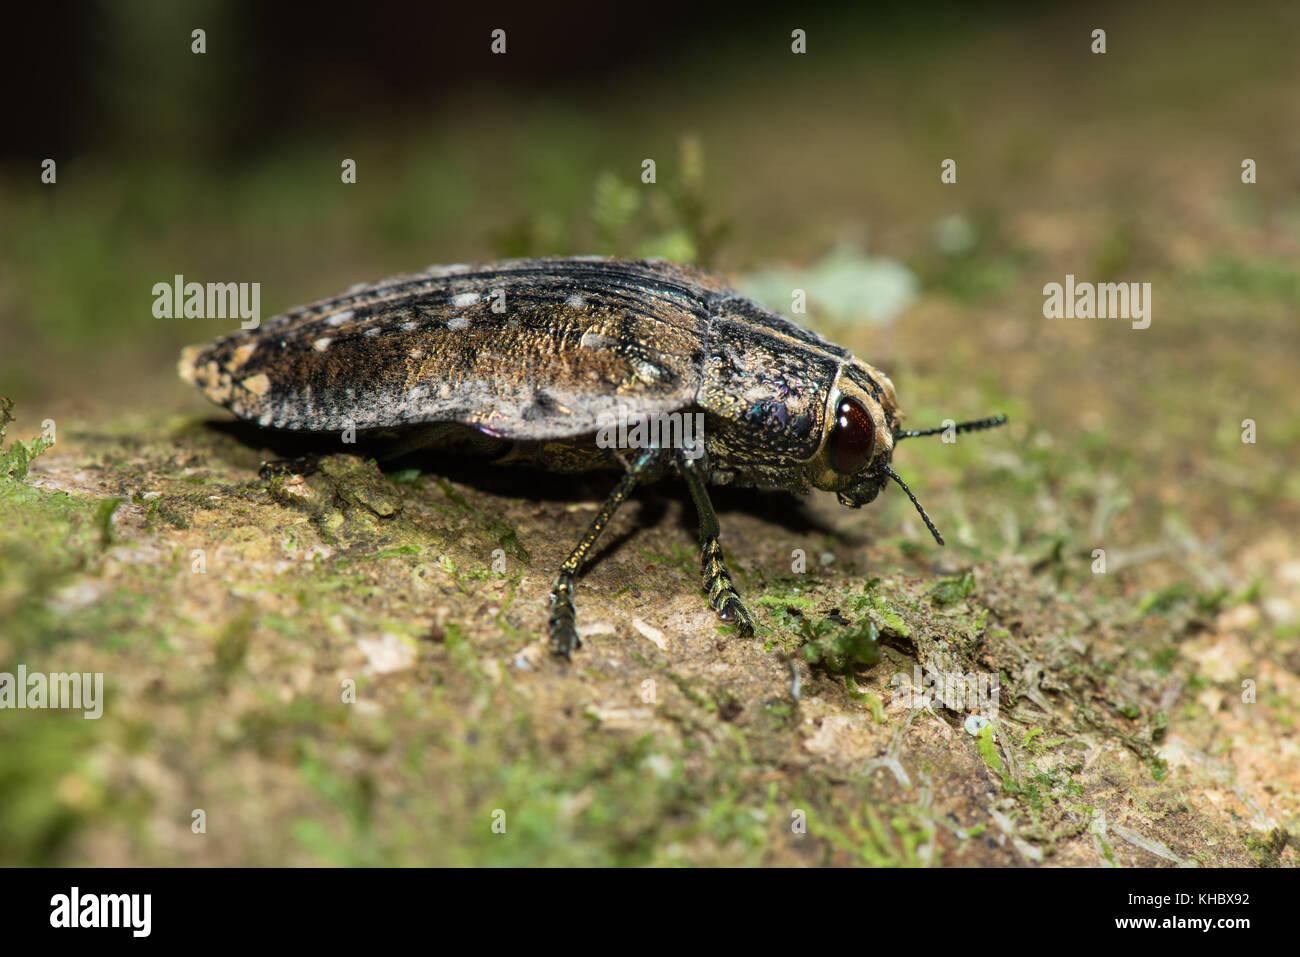 Madagascan Beetle Nature Stock Photos & Madagascan Beetle